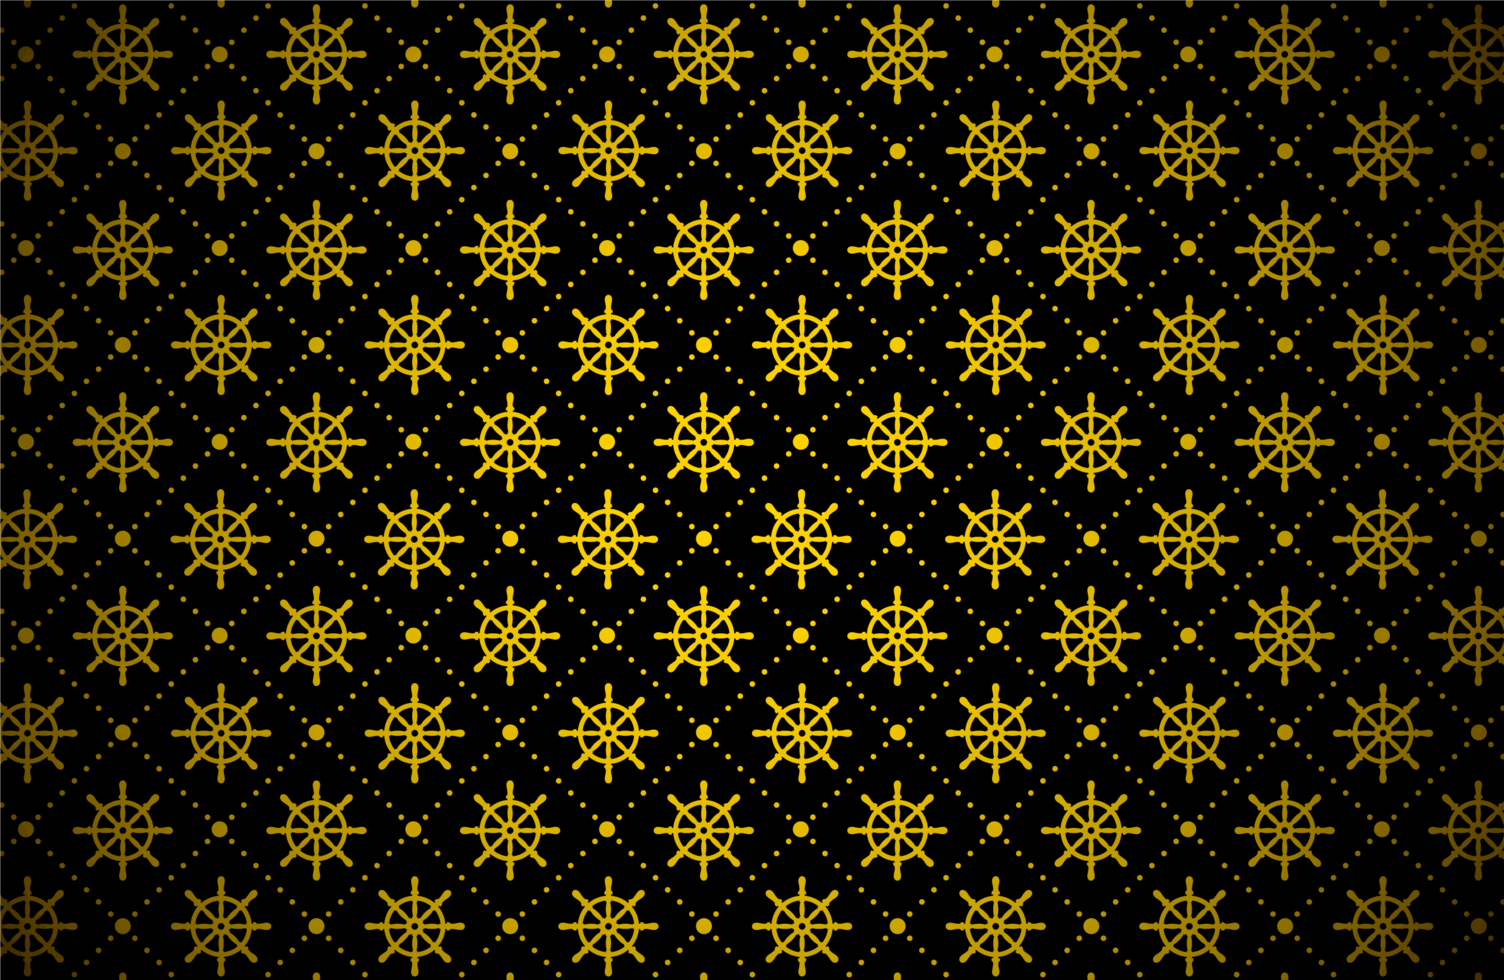 motif de roue de navire doré foncé vecteur